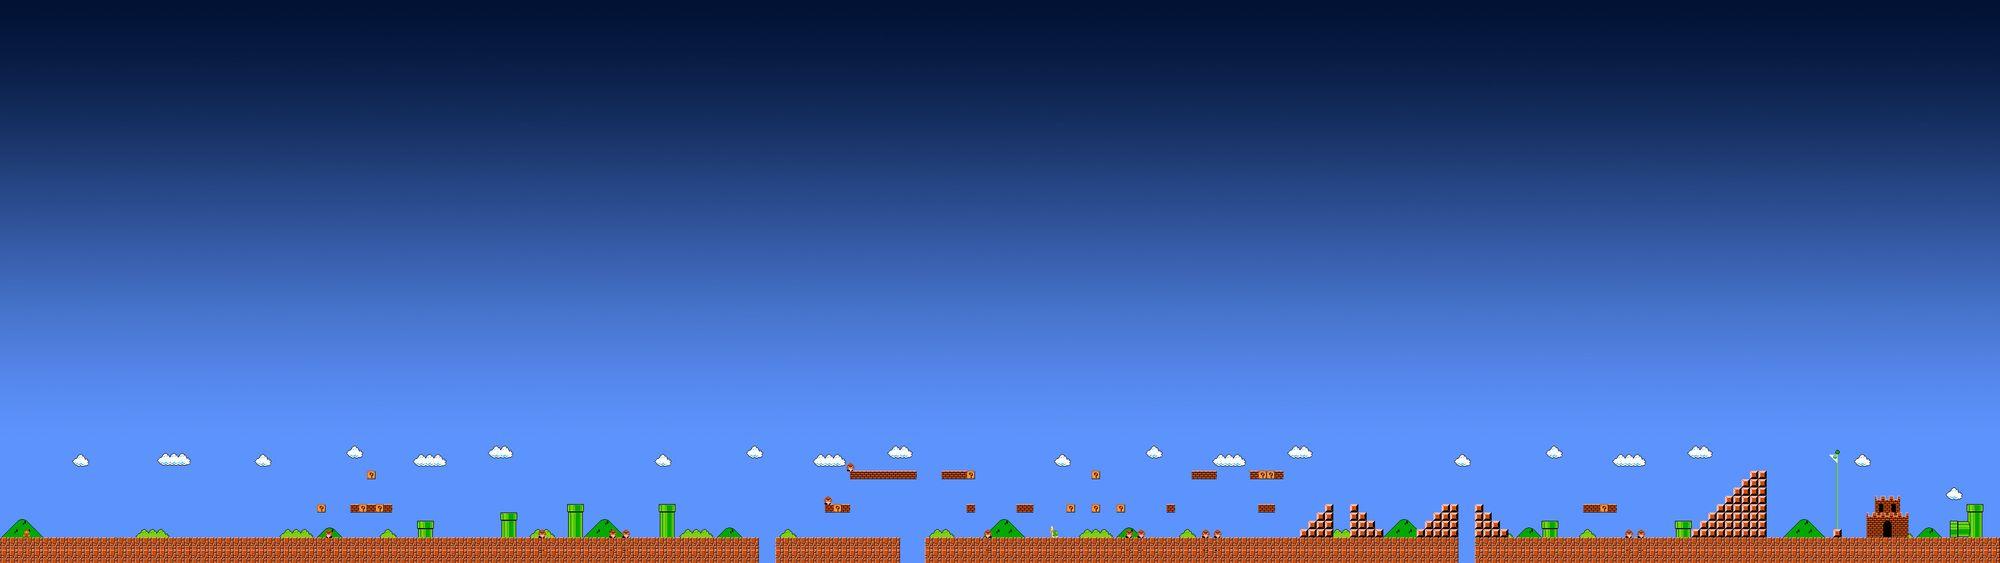 Dual-Monitor-Super-Mario-Bros